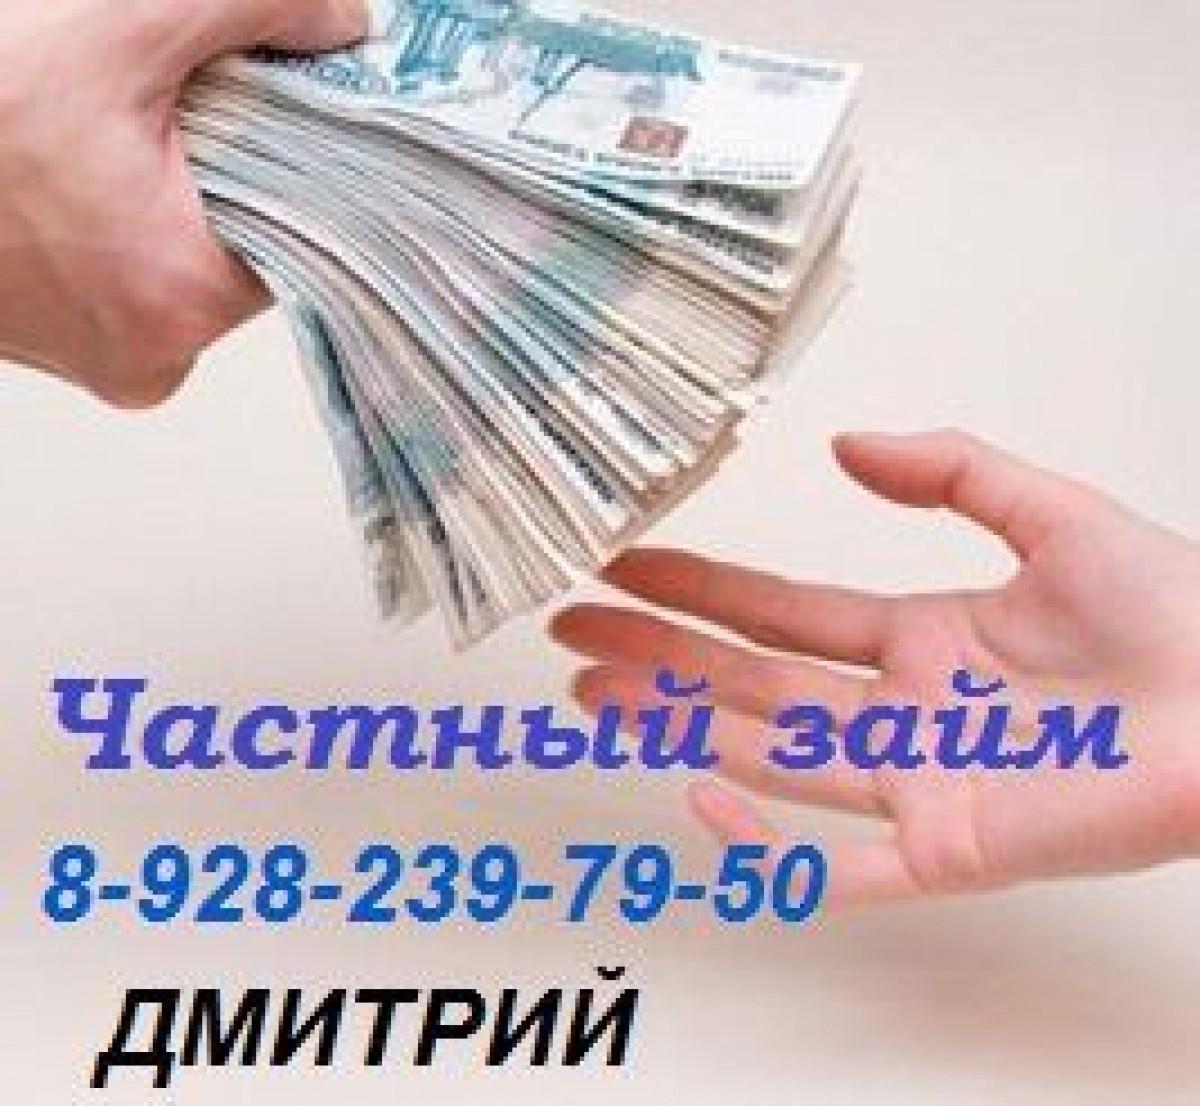 занять денег спб срочно частно